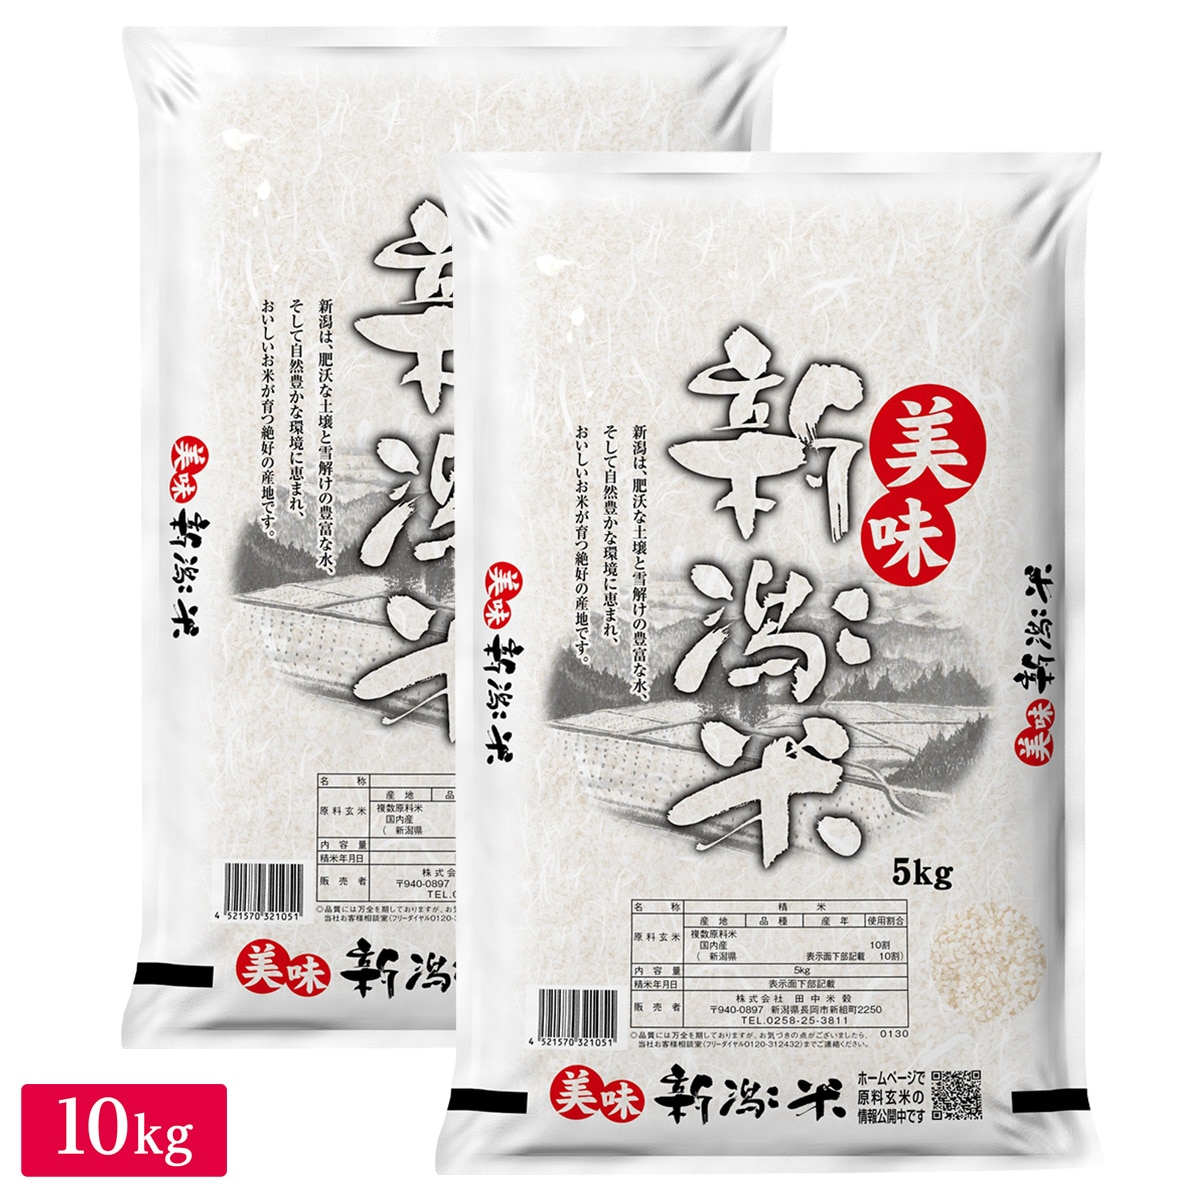 ■【精米】【新米】令和元年産 新潟米 10kg(5kg×2)